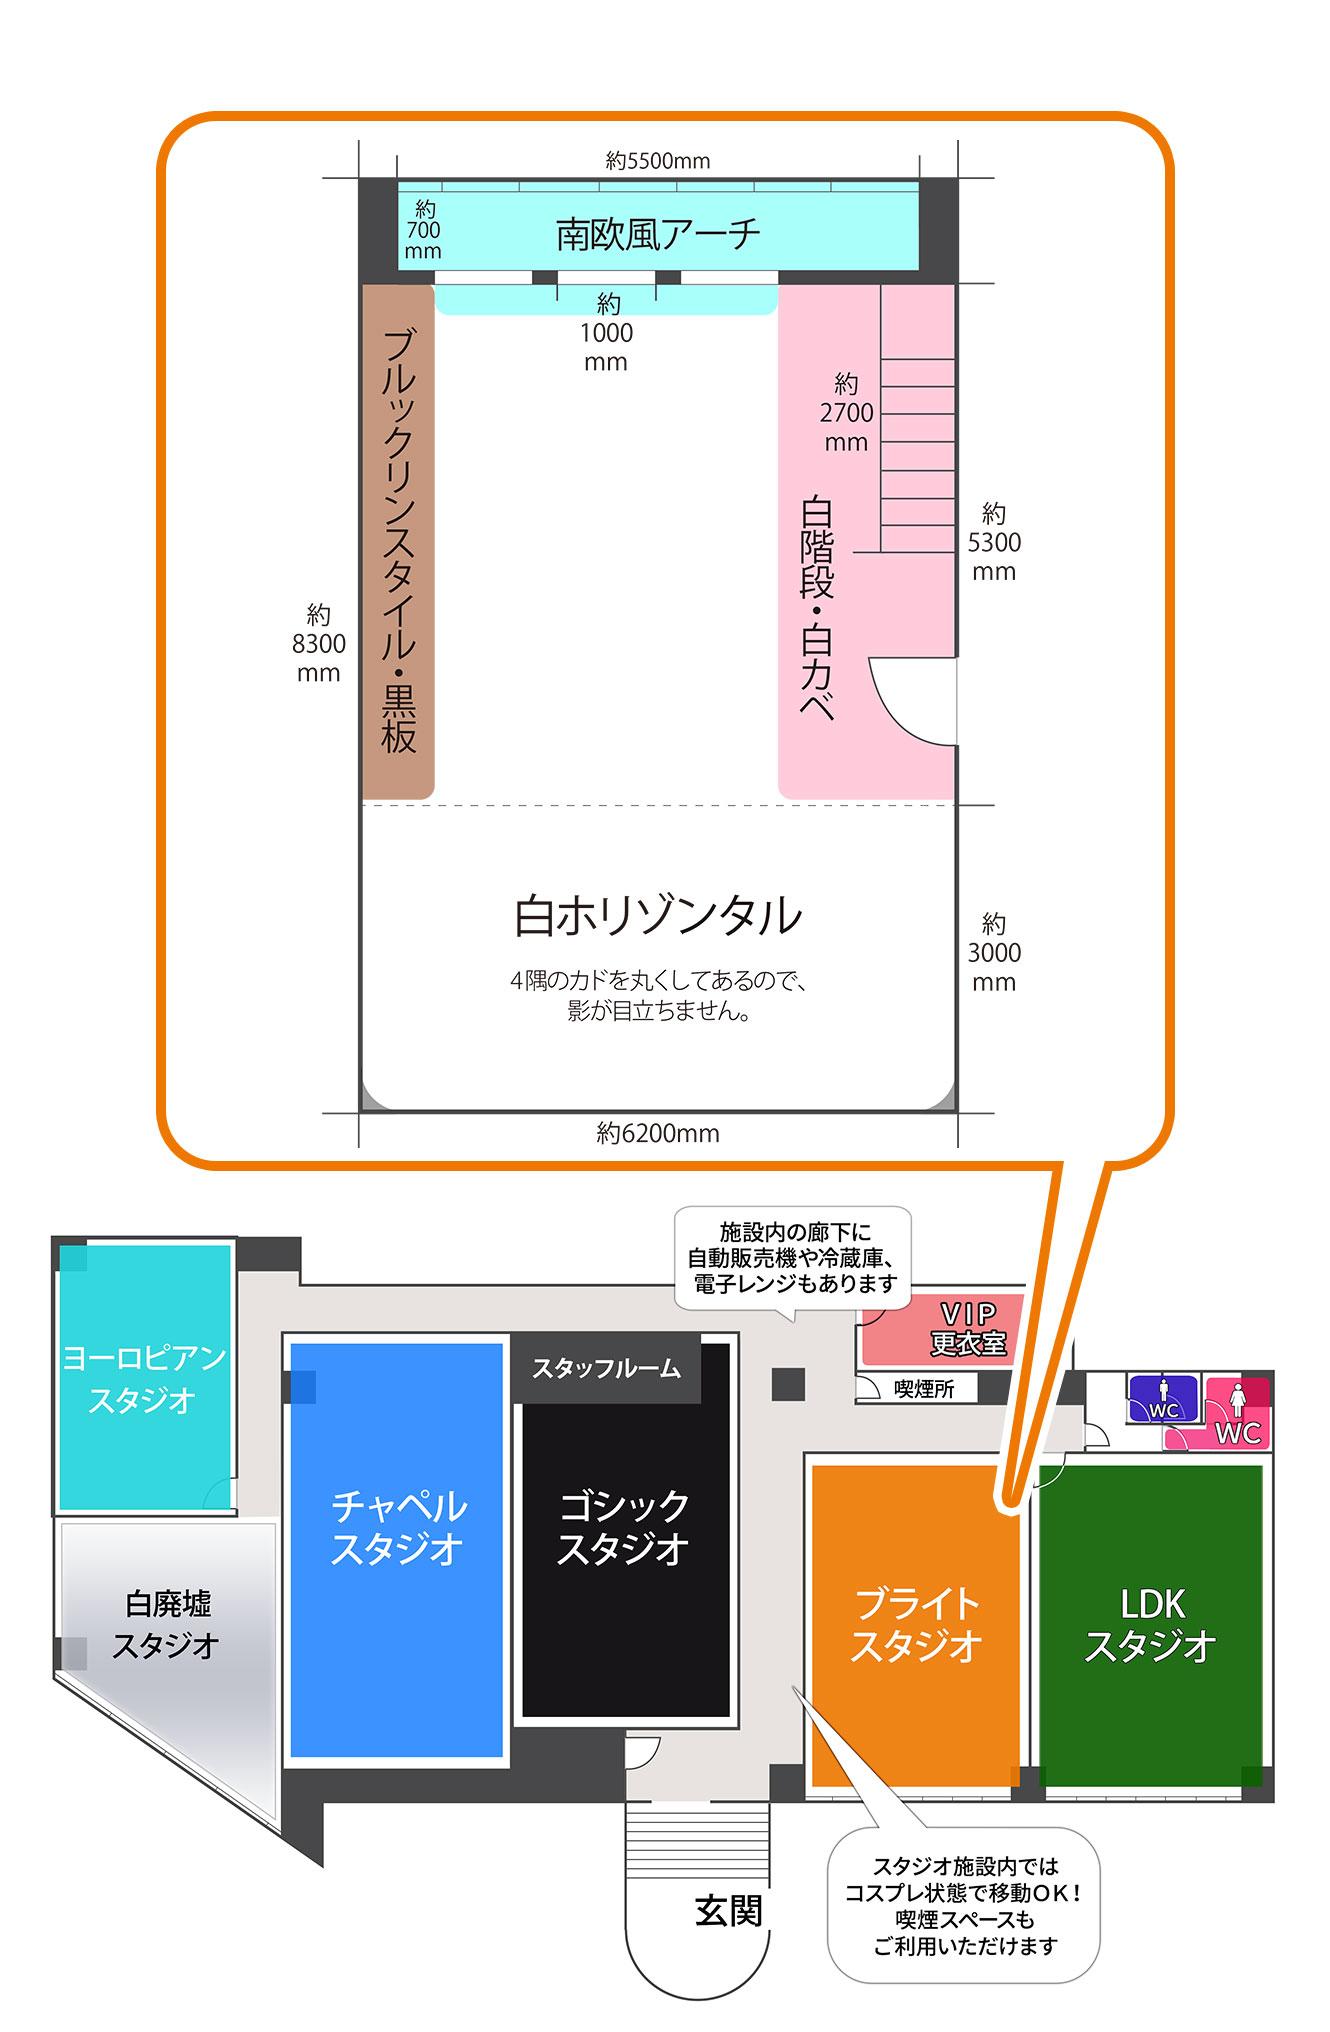 大阪平野ブライトスタジオ見取り図